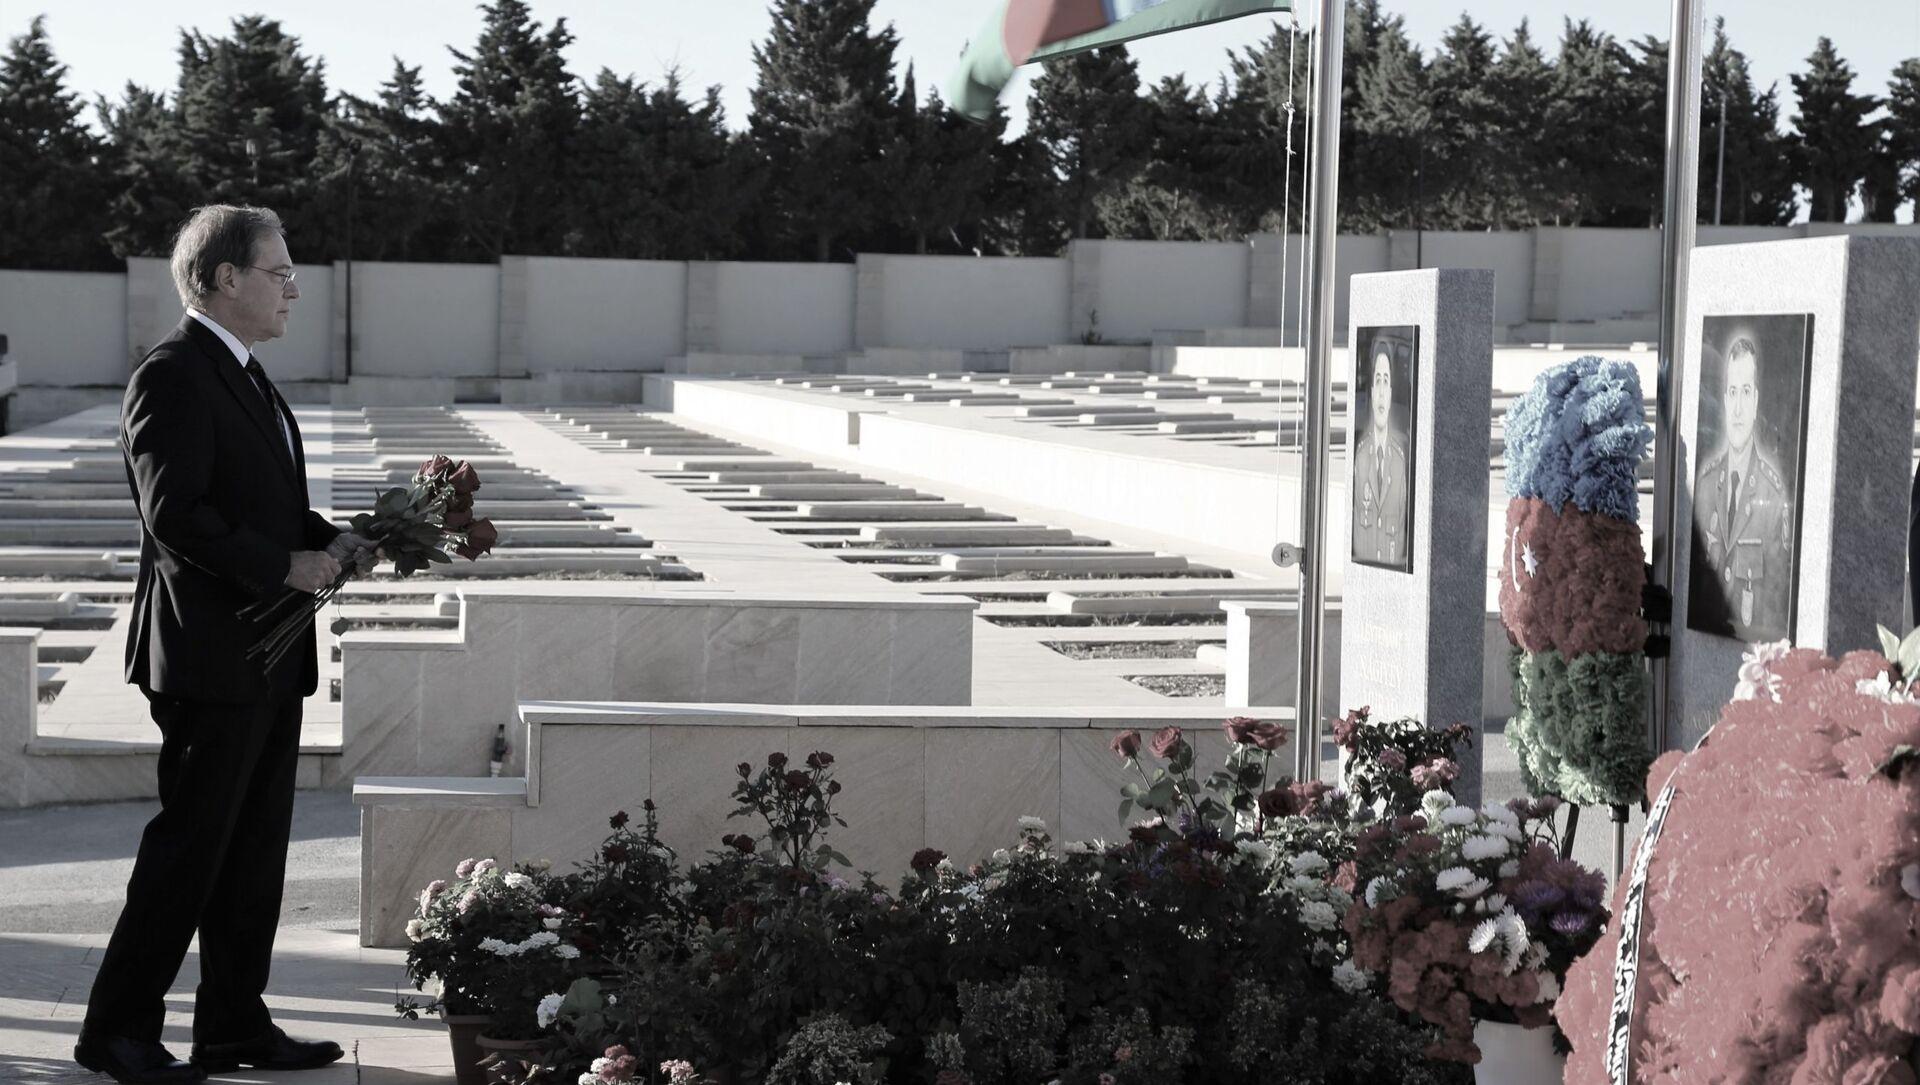 Посол США в Азербайджане Ли Литценбергер почтил память шехидов, отдавших жизнь в войне в Карабахе - Sputnik Азербайджан, 1920, 27.09.2021